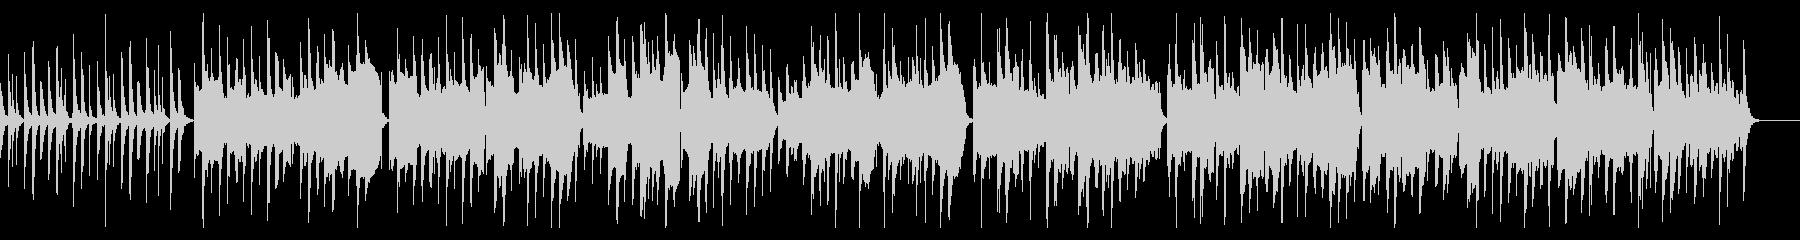 日常系アニメの会話シーンのような曲の未再生の波形